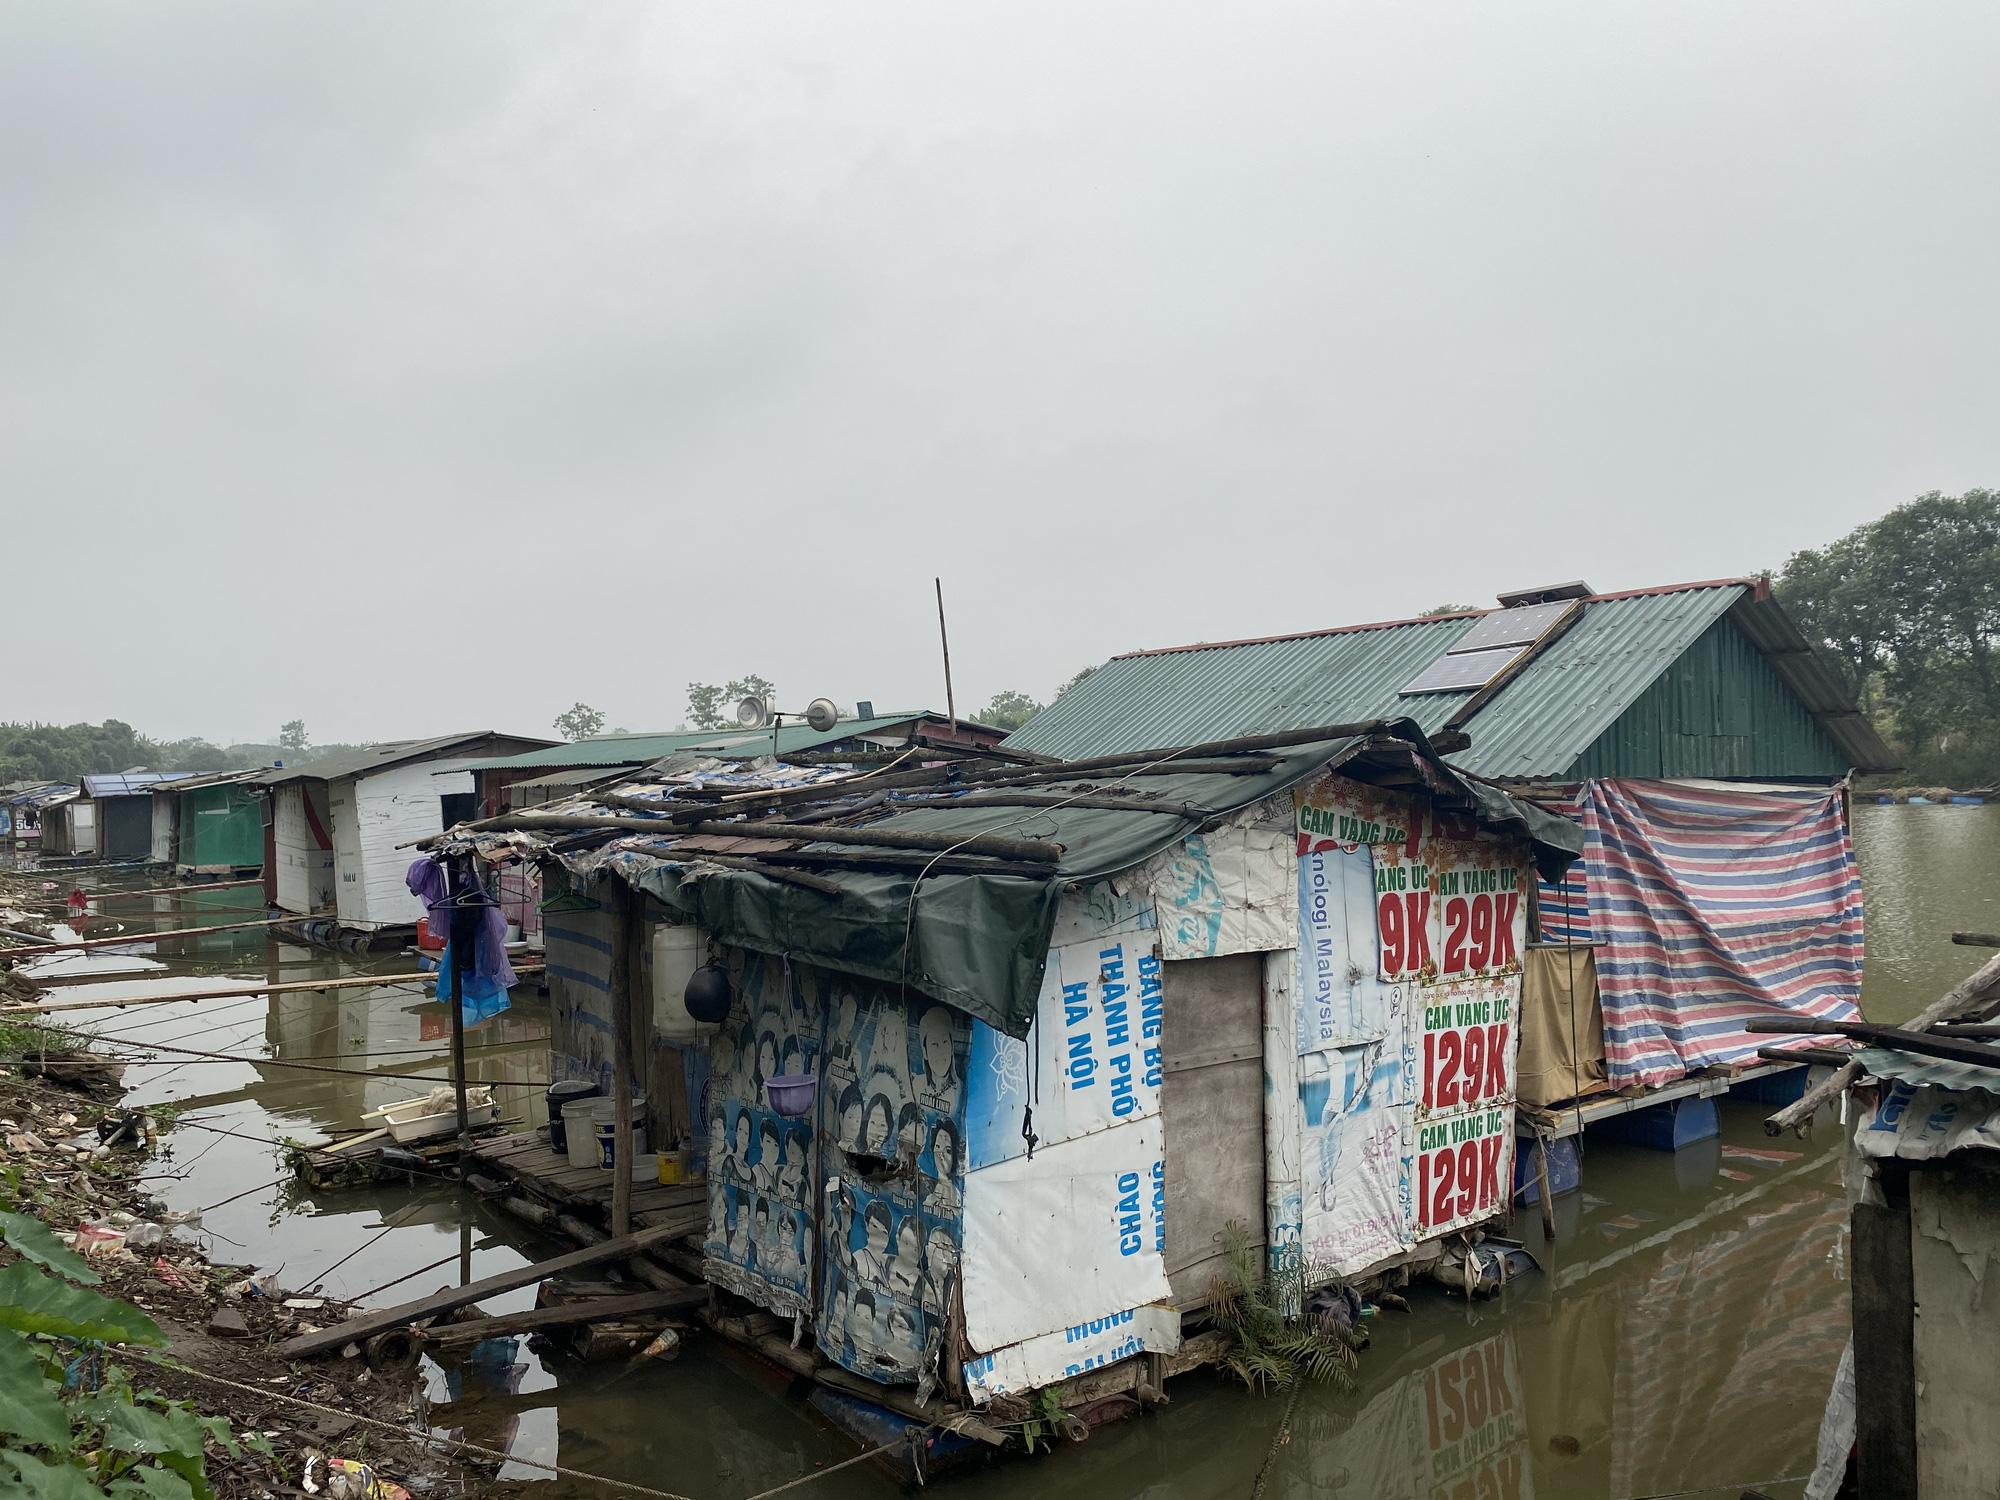 Cuộc sống cùng cực của người dân xóm chài Hà Nội và nỗi lo quy hoạch - Ảnh 8.